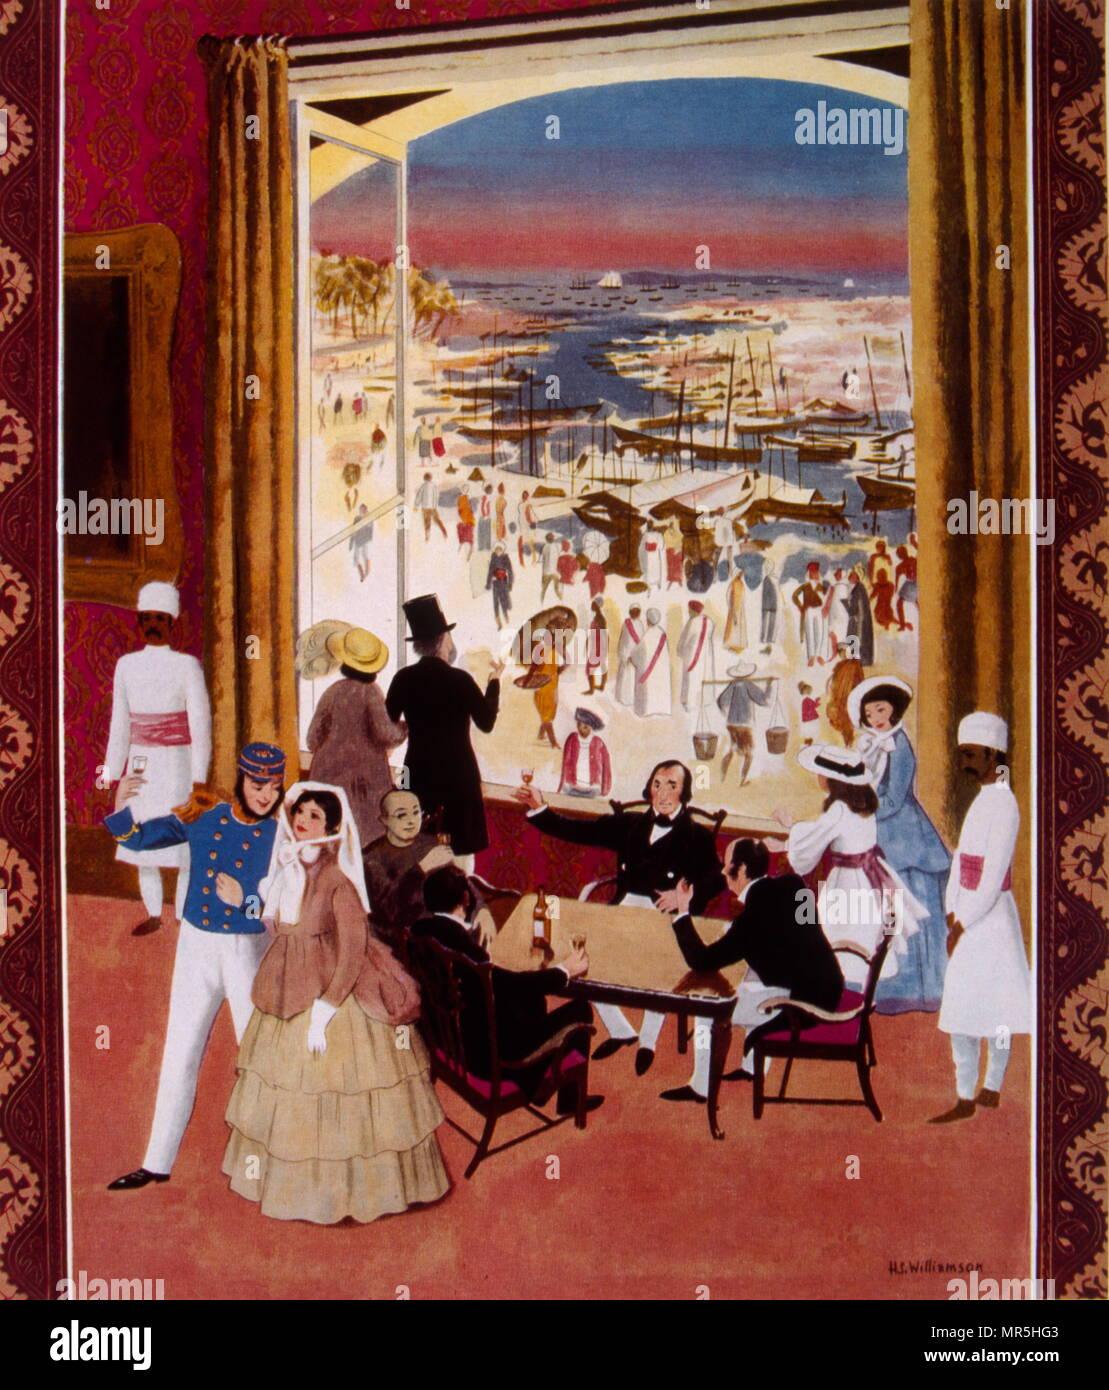 Abbildung: Darstellung des britischen Handels- und kolonialen Präsenz in Singapur in der Mitte des 19. Jahrhunderts. Cognac Hennessy Werbung, 1938 Stockbild